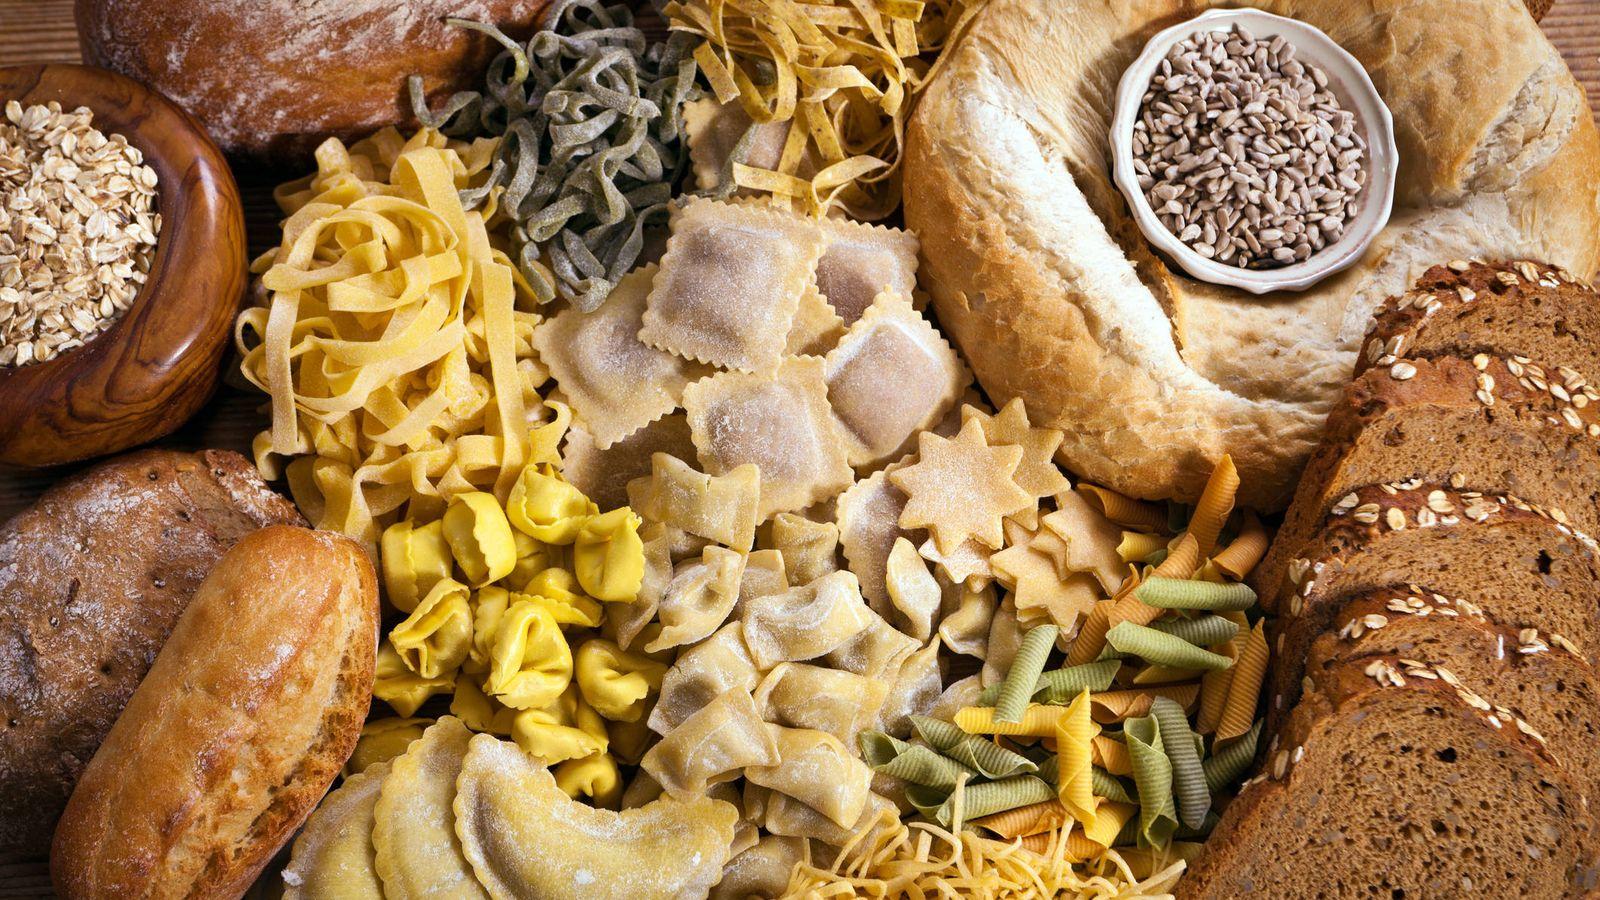 Foto: No todos los carbohidratos son iguales, y saber diferenciarlos es importante